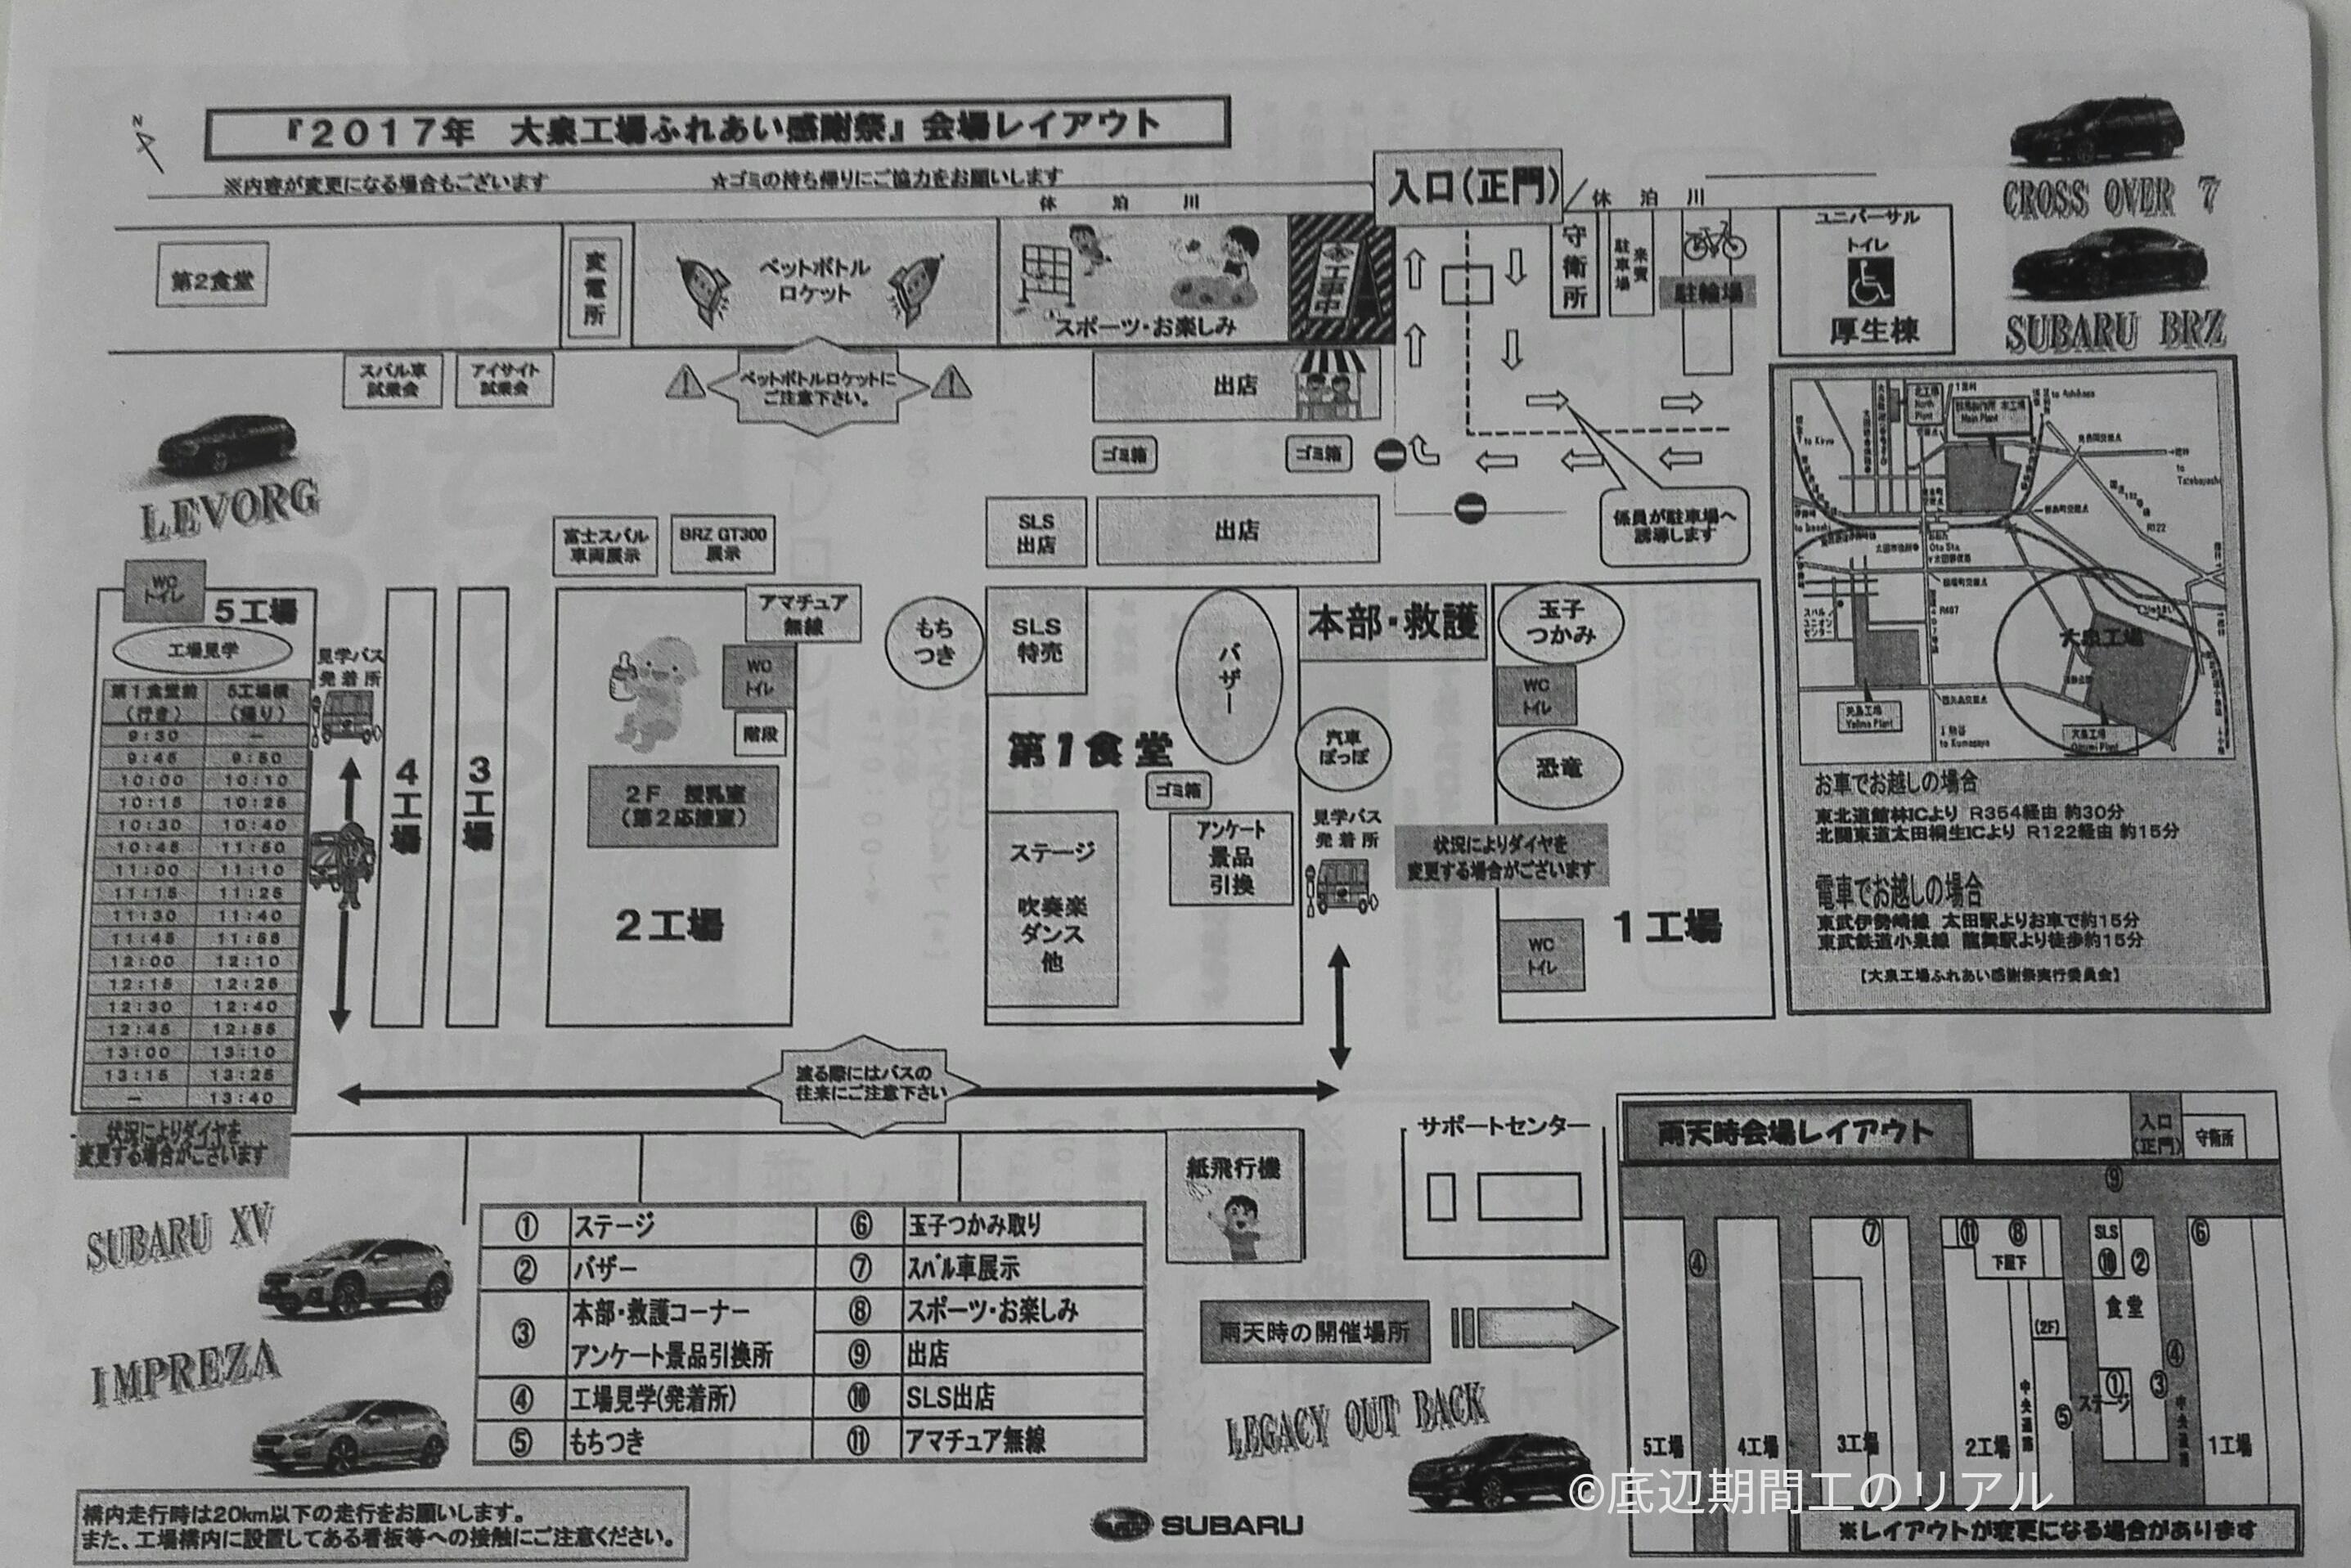 スバル大泉工場ふれあい感謝祭2017マップ